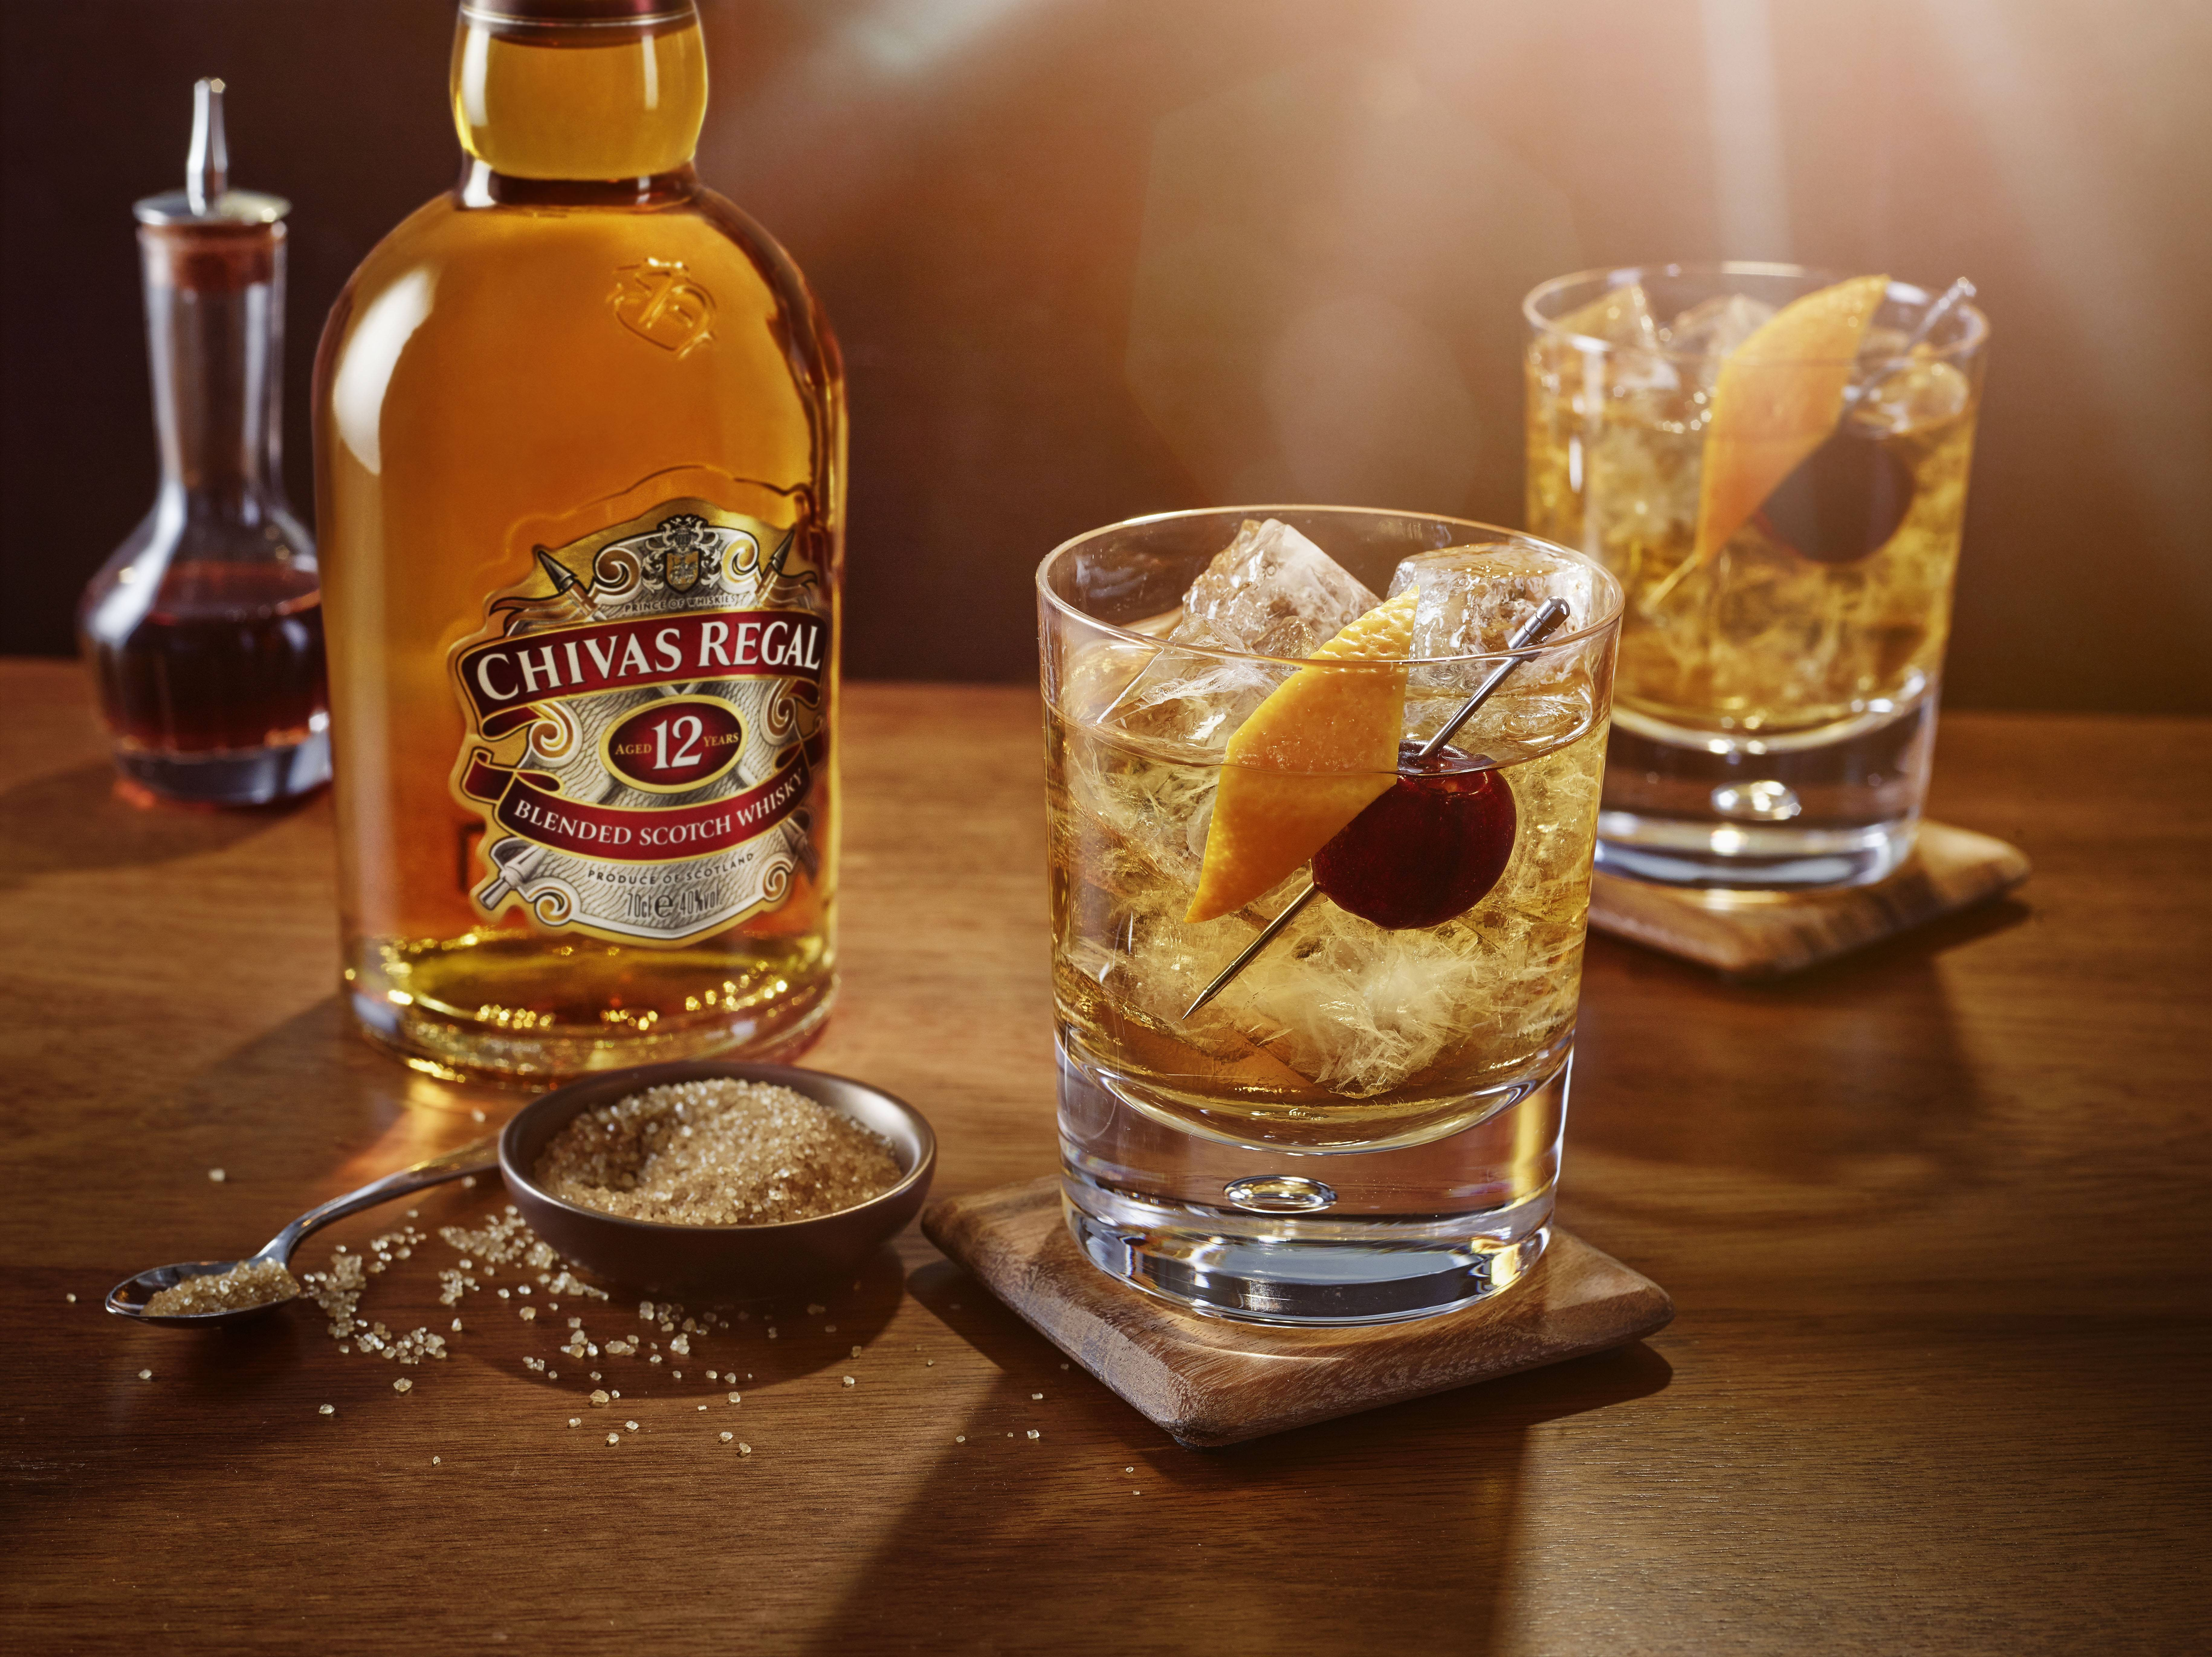 С чем пьют виски: правила, чем можно закусывать, с чем лучше разбавлять (кола, пиво)